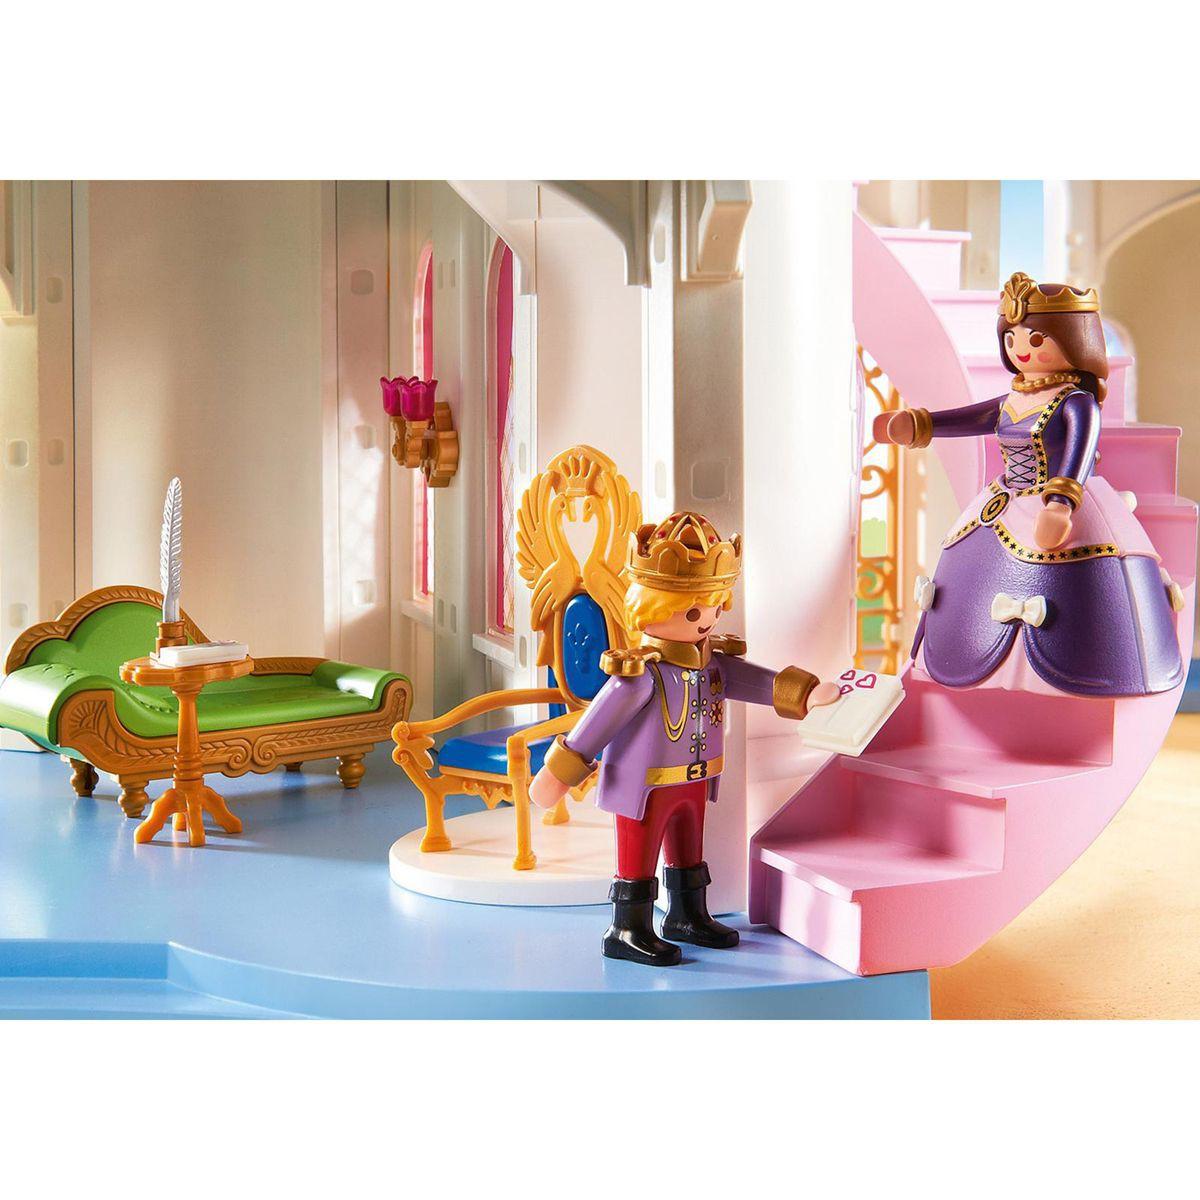 Playmobil chateau de princesse 6848